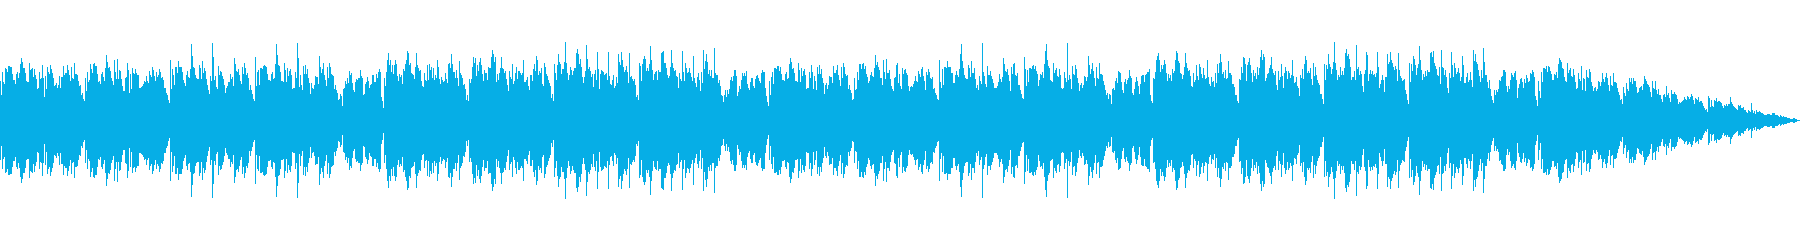 落ち着いた音色で思い出を振り返るBGMの再生済みの波形